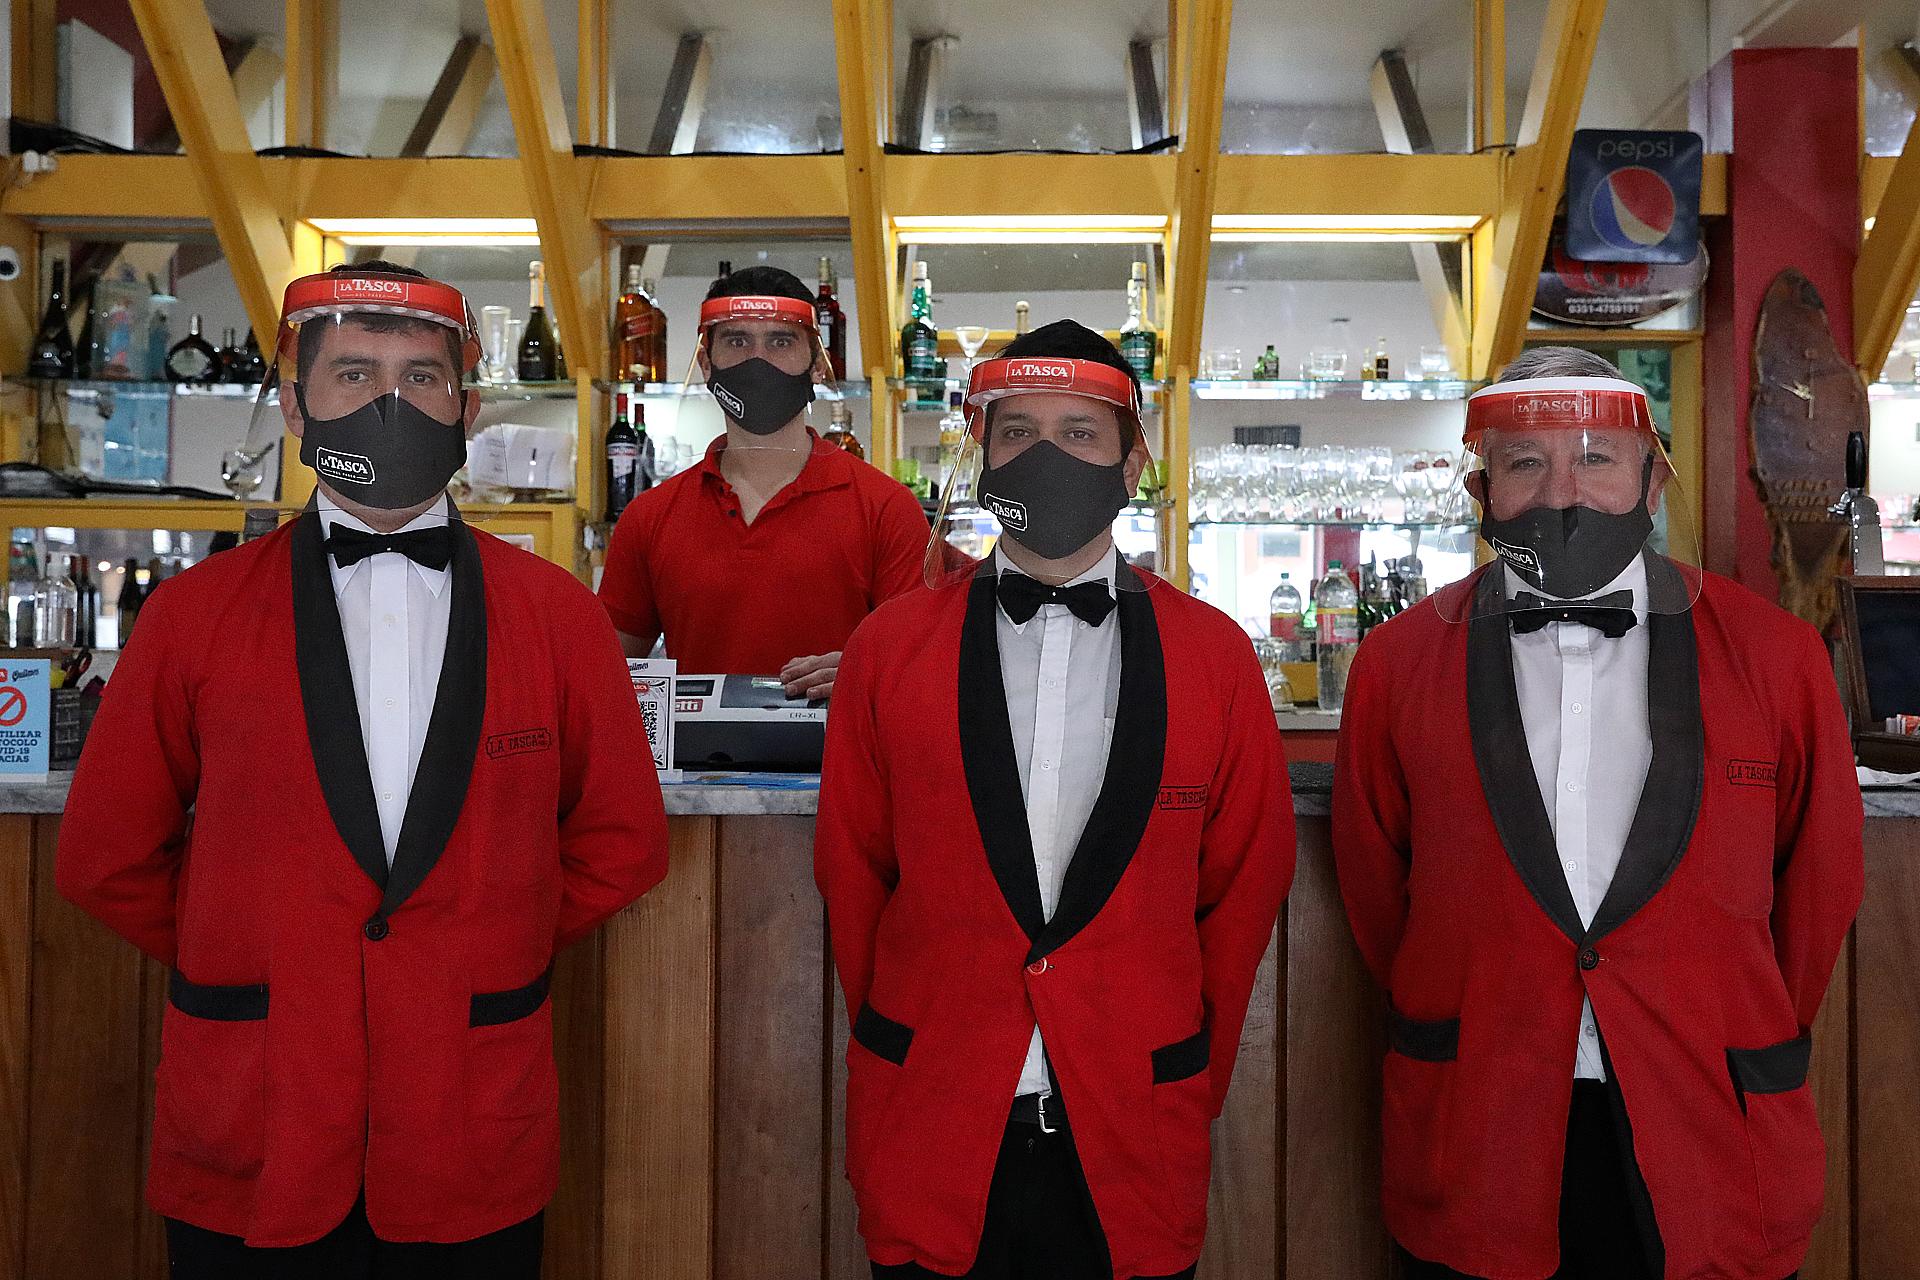 A su tradicional uniforme de saco rojo y moño negro, los camareros de